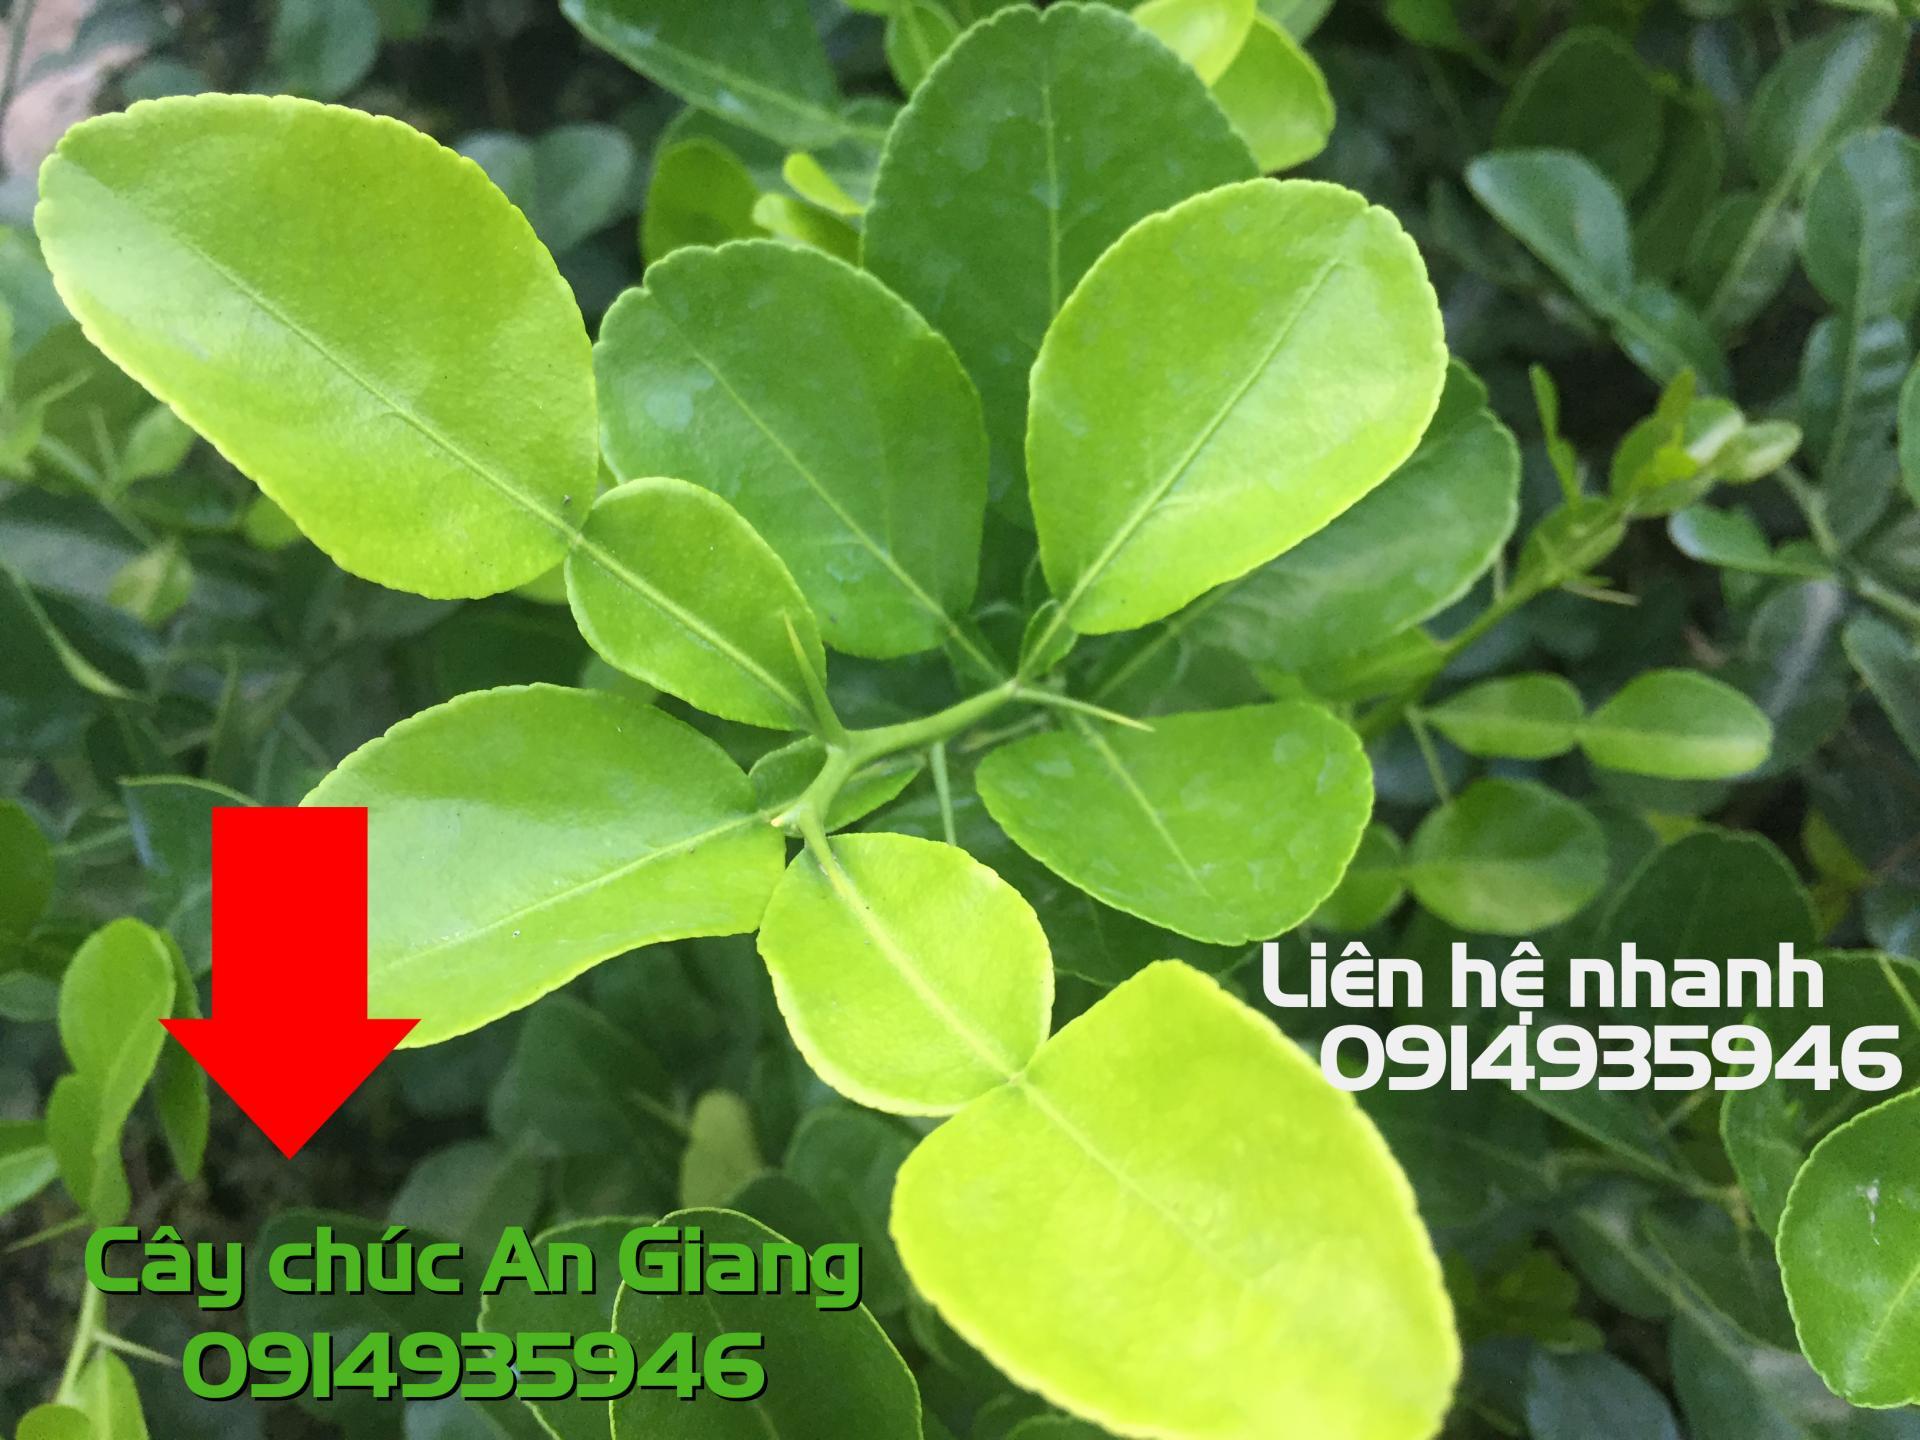 Cây Chúc = Chanh Thái 30k 1 cây